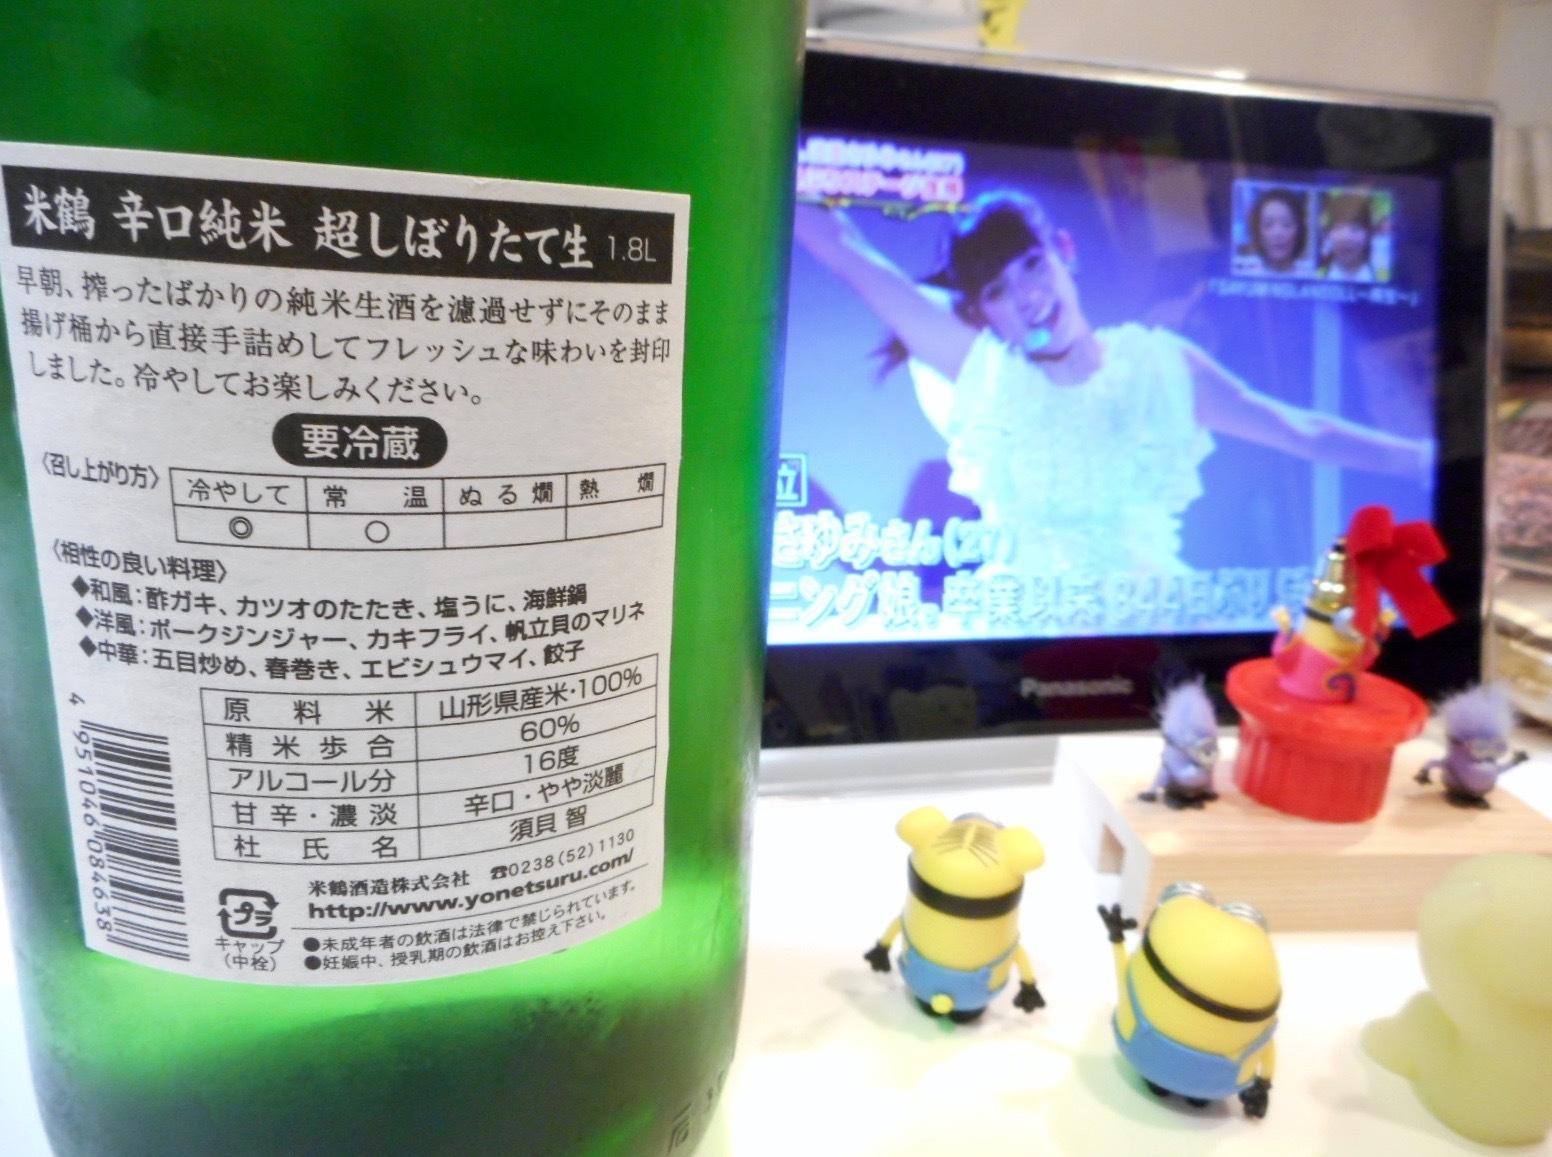 yonetsuru_karakuchi28by2.jpg